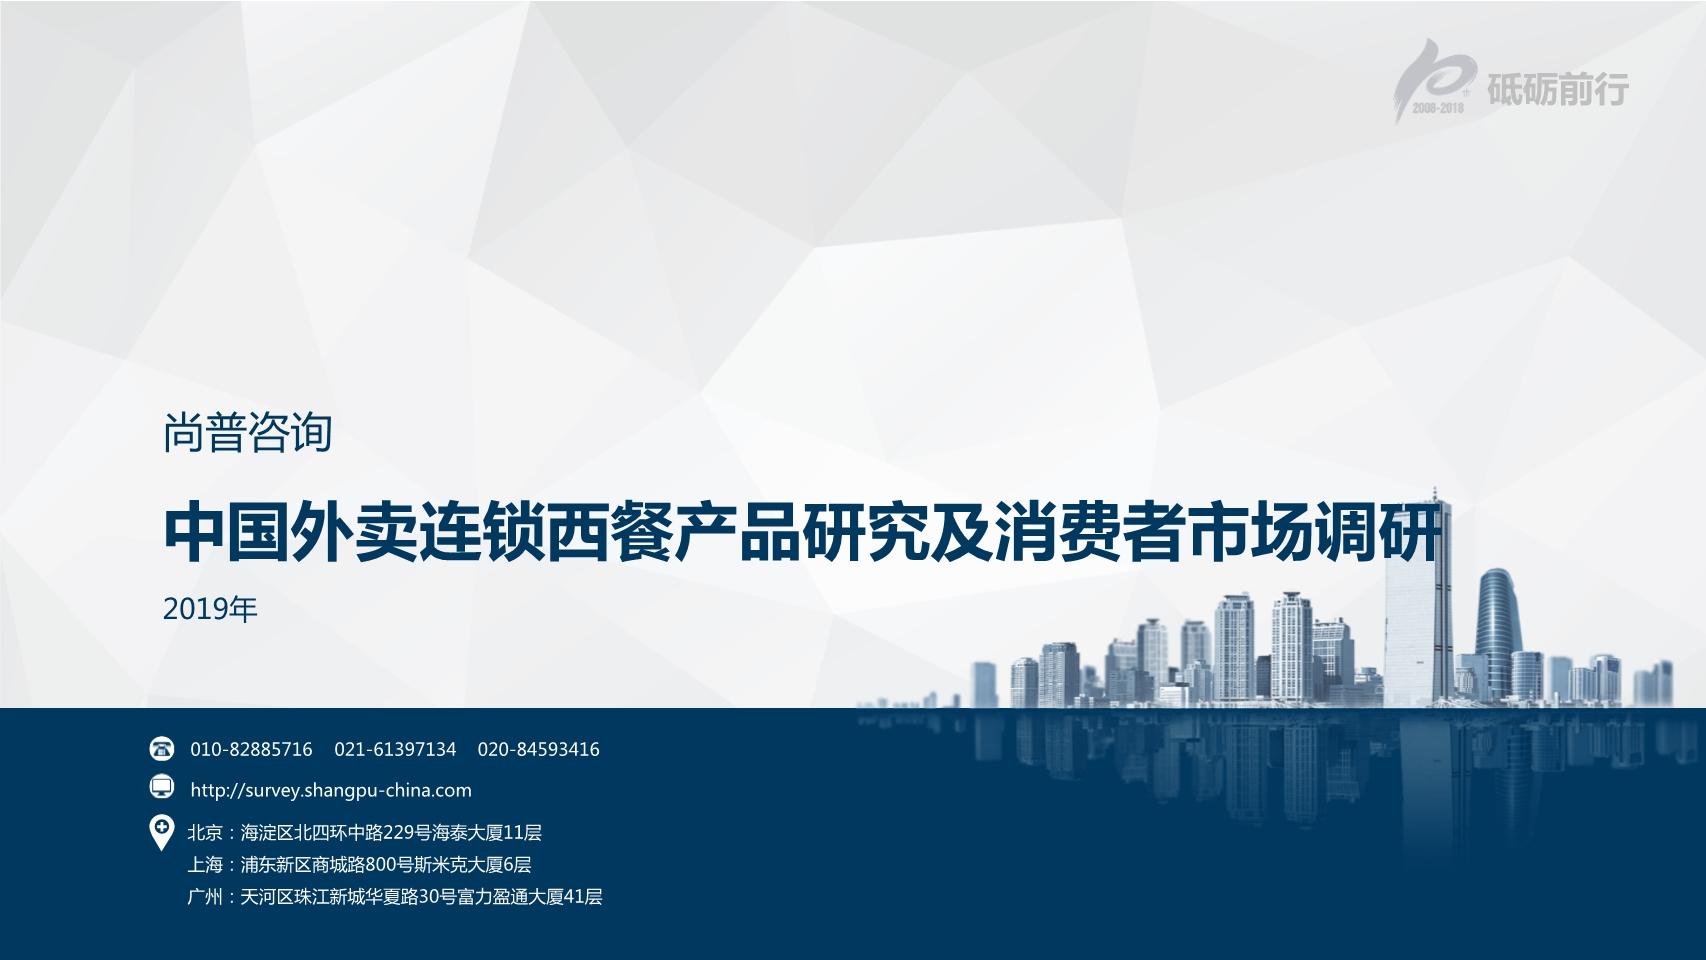 尚普咨询-中国外卖连锁西餐产品研究及消费者市场调研